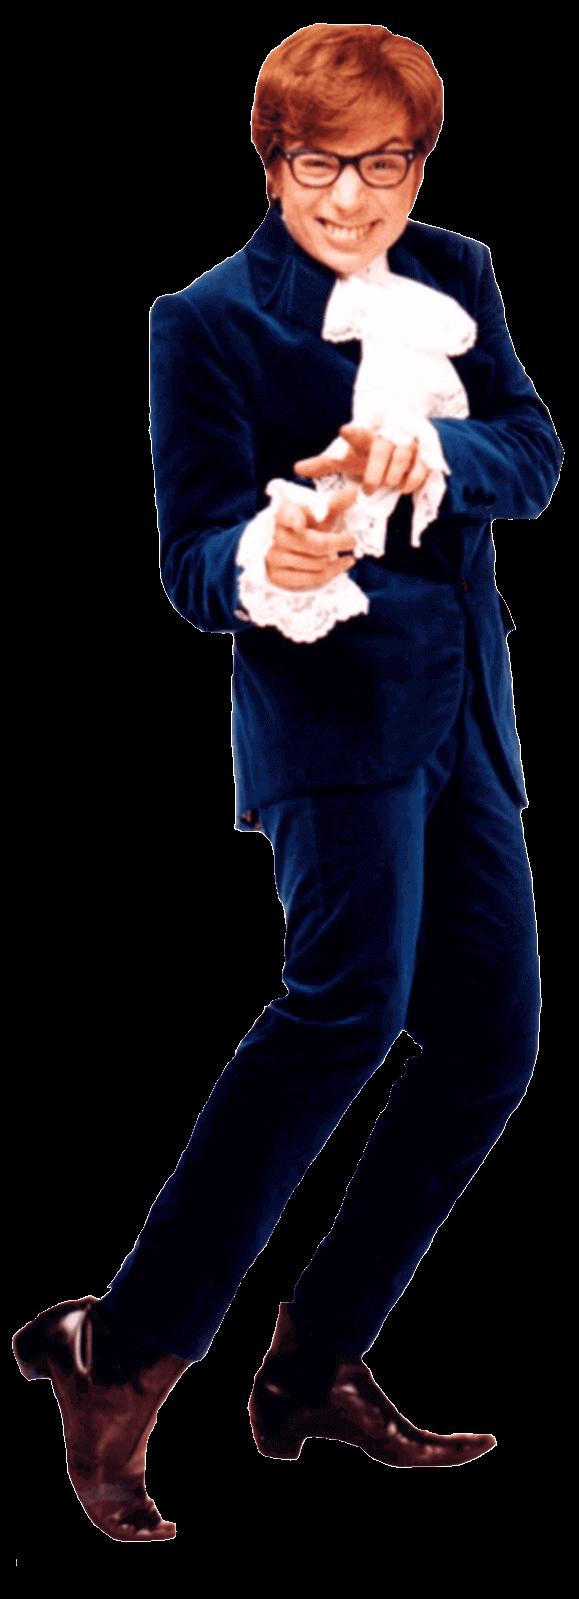 Austin Powers has his mojo